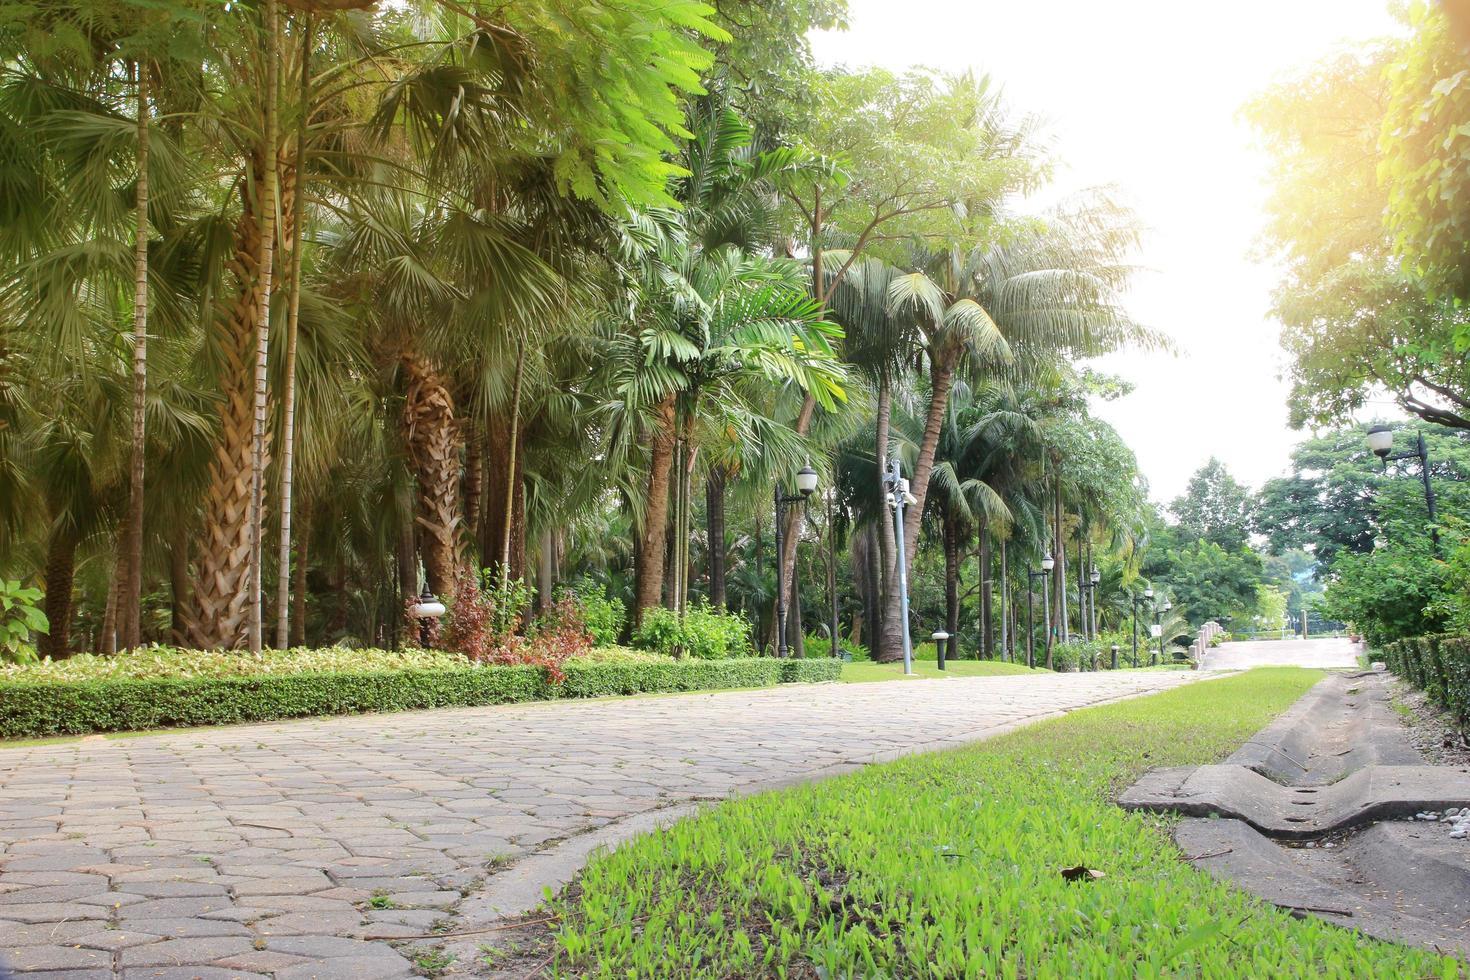 palmbomen in de tuin foto